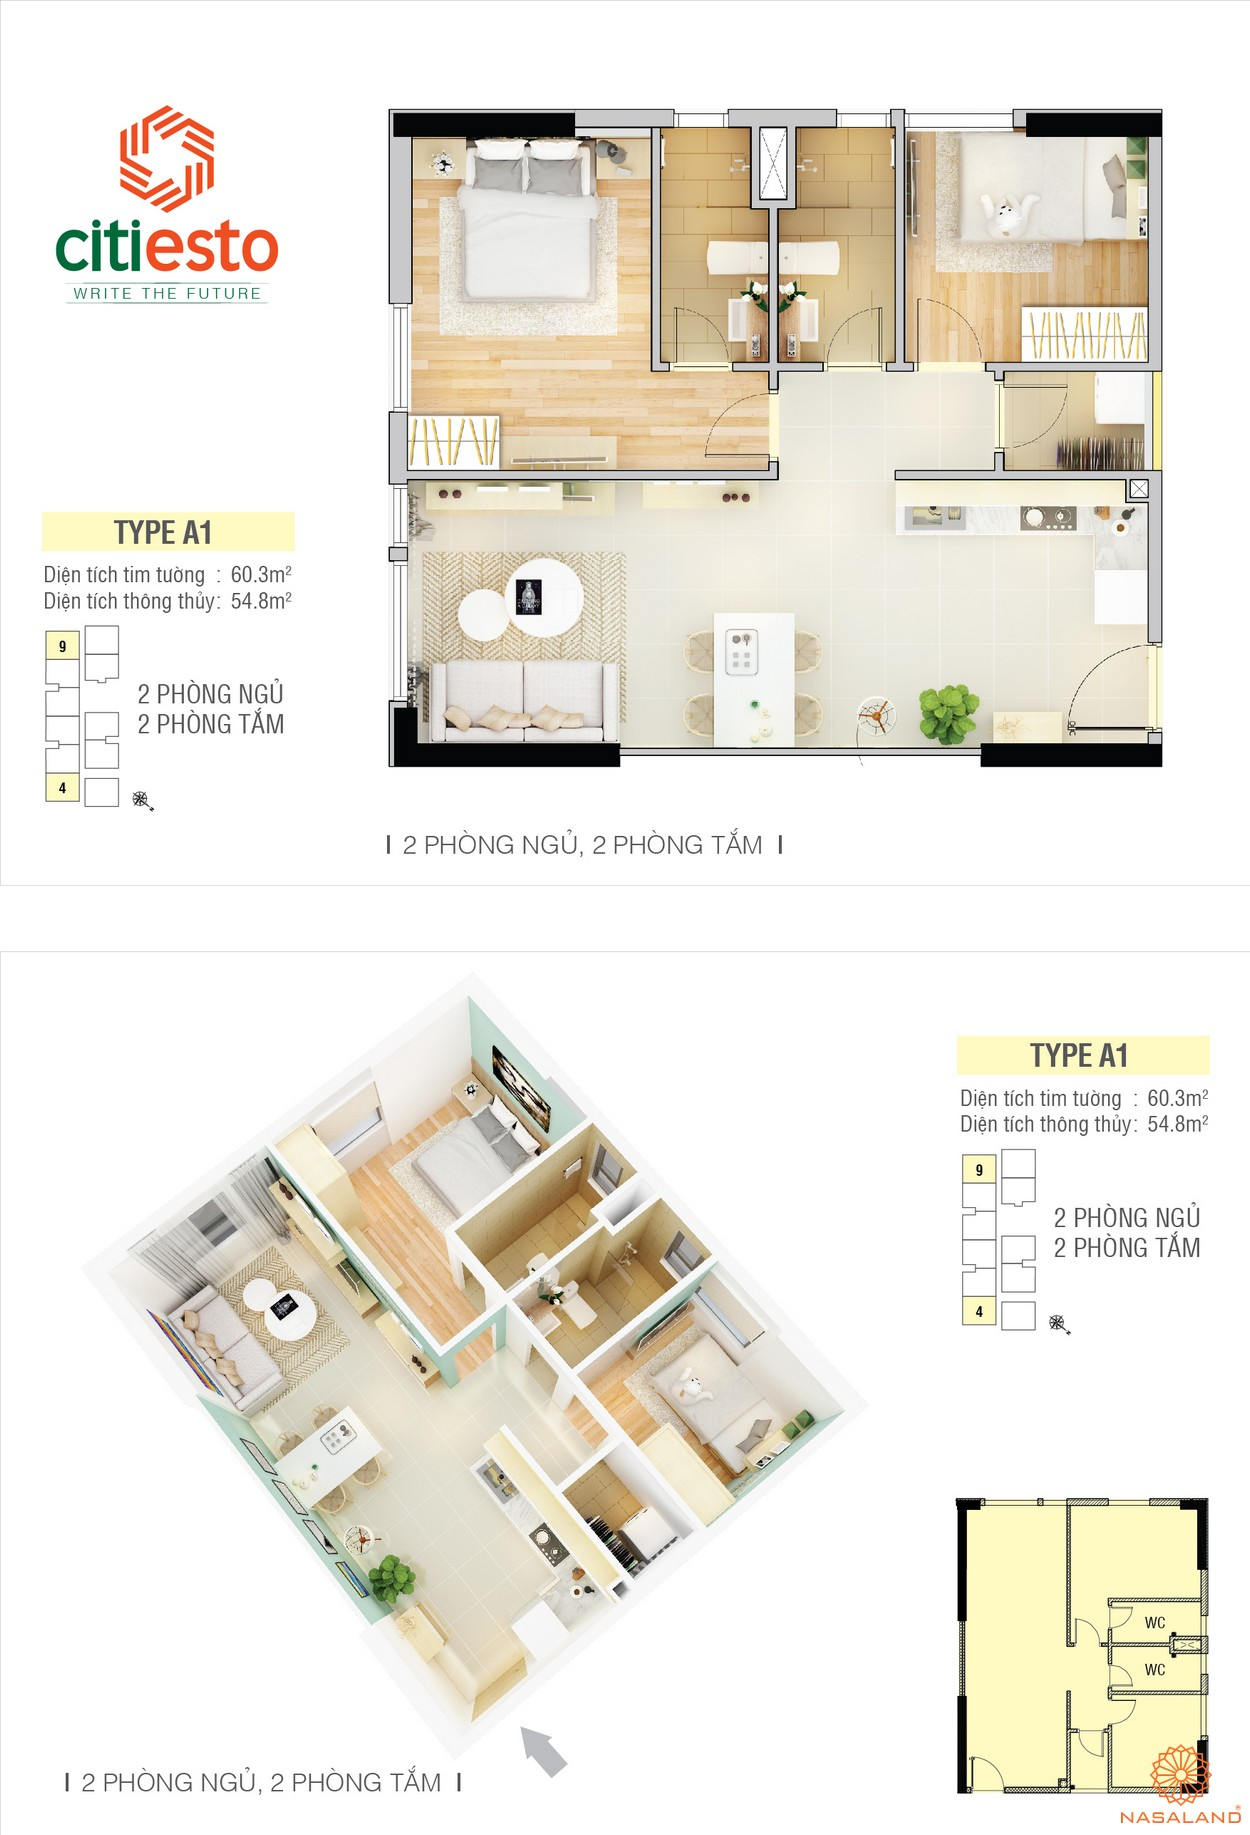 Thiết kế điển hình dự án căn hộ CitiEsto căn 2PN